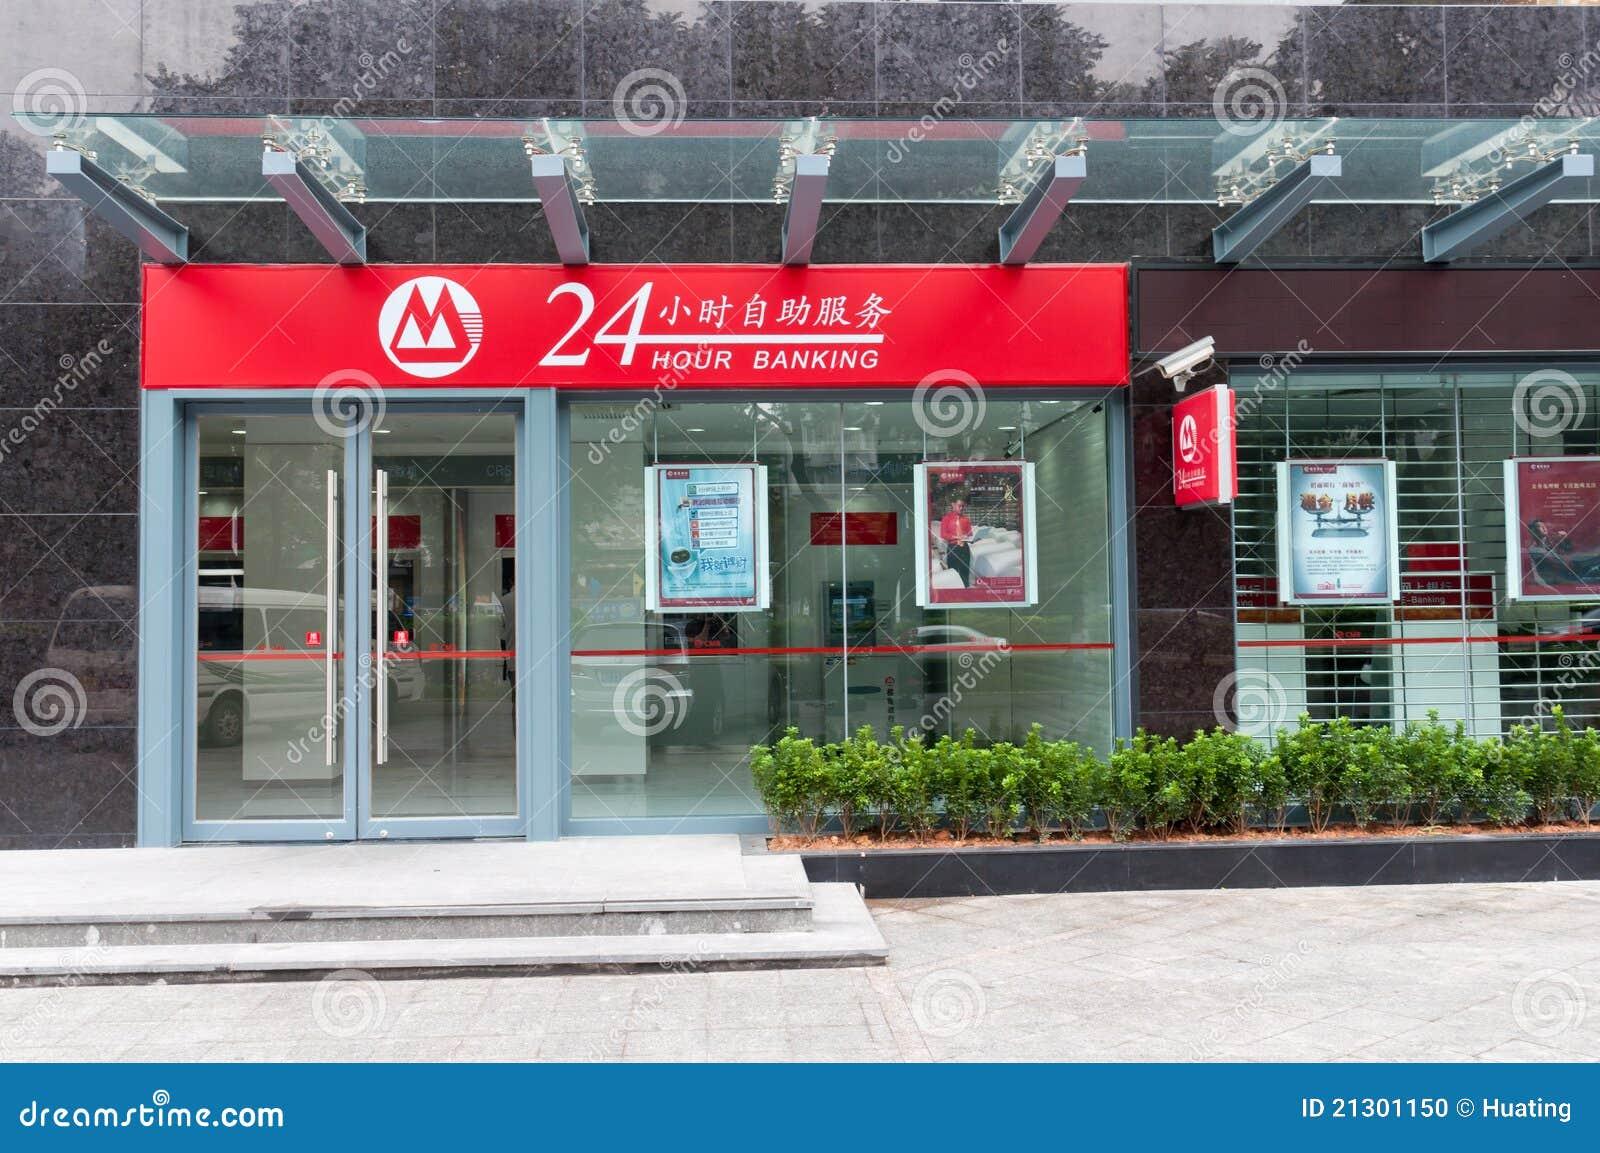 china merchants bank Ir service tel 852-3918-6212 hong kong 8610-6621-5533 bei jing fax 852- 2532-8185 hong kong 8610-6621-8888 bei jing.